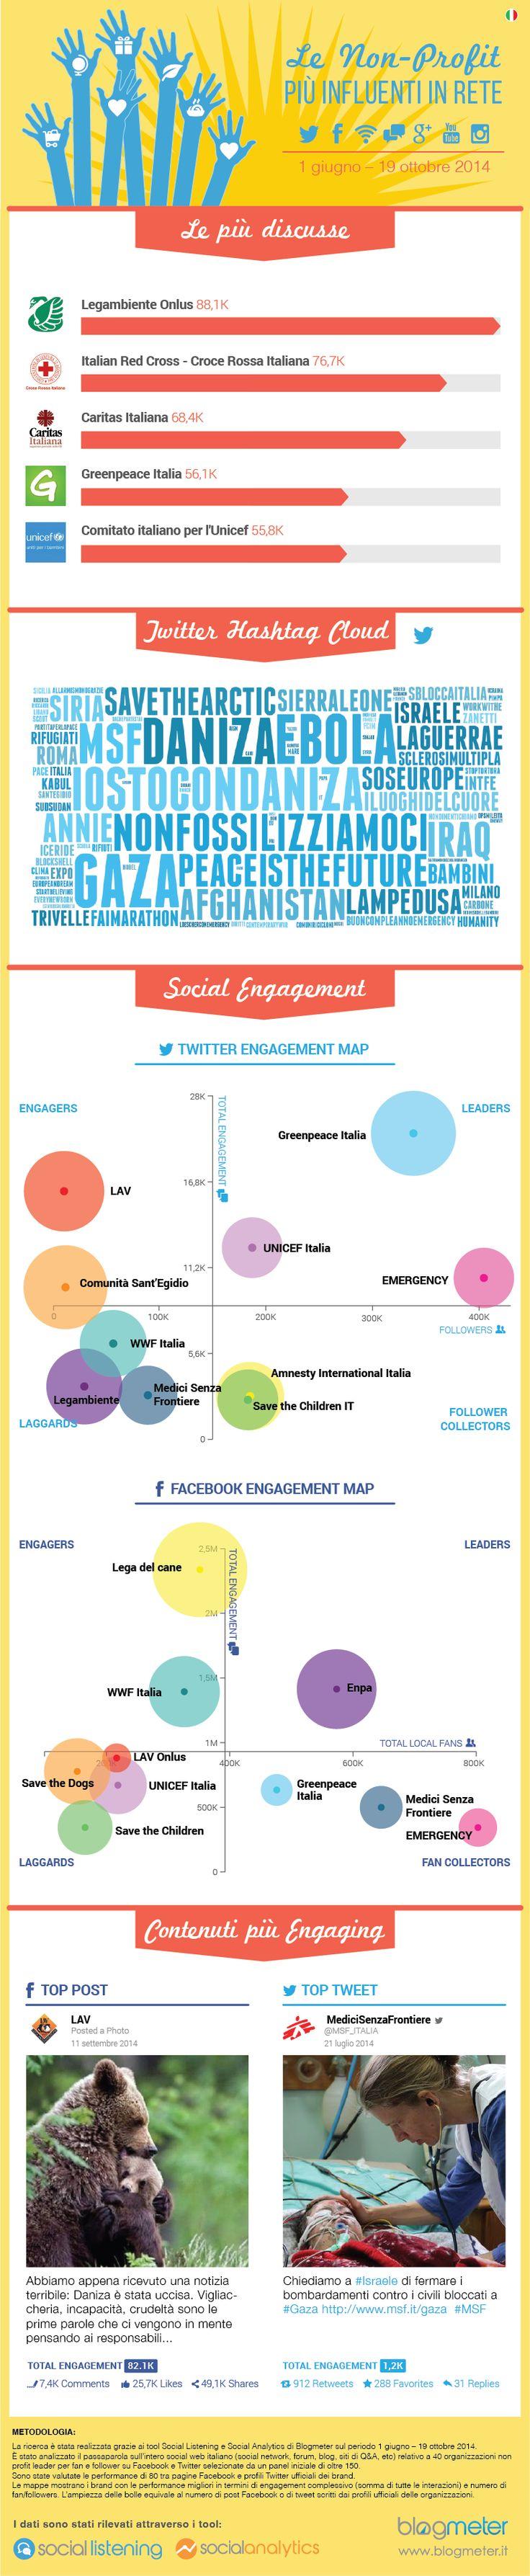 Le Organizzazioni non profit più influenti in rete. Ora disponibile il report integrale